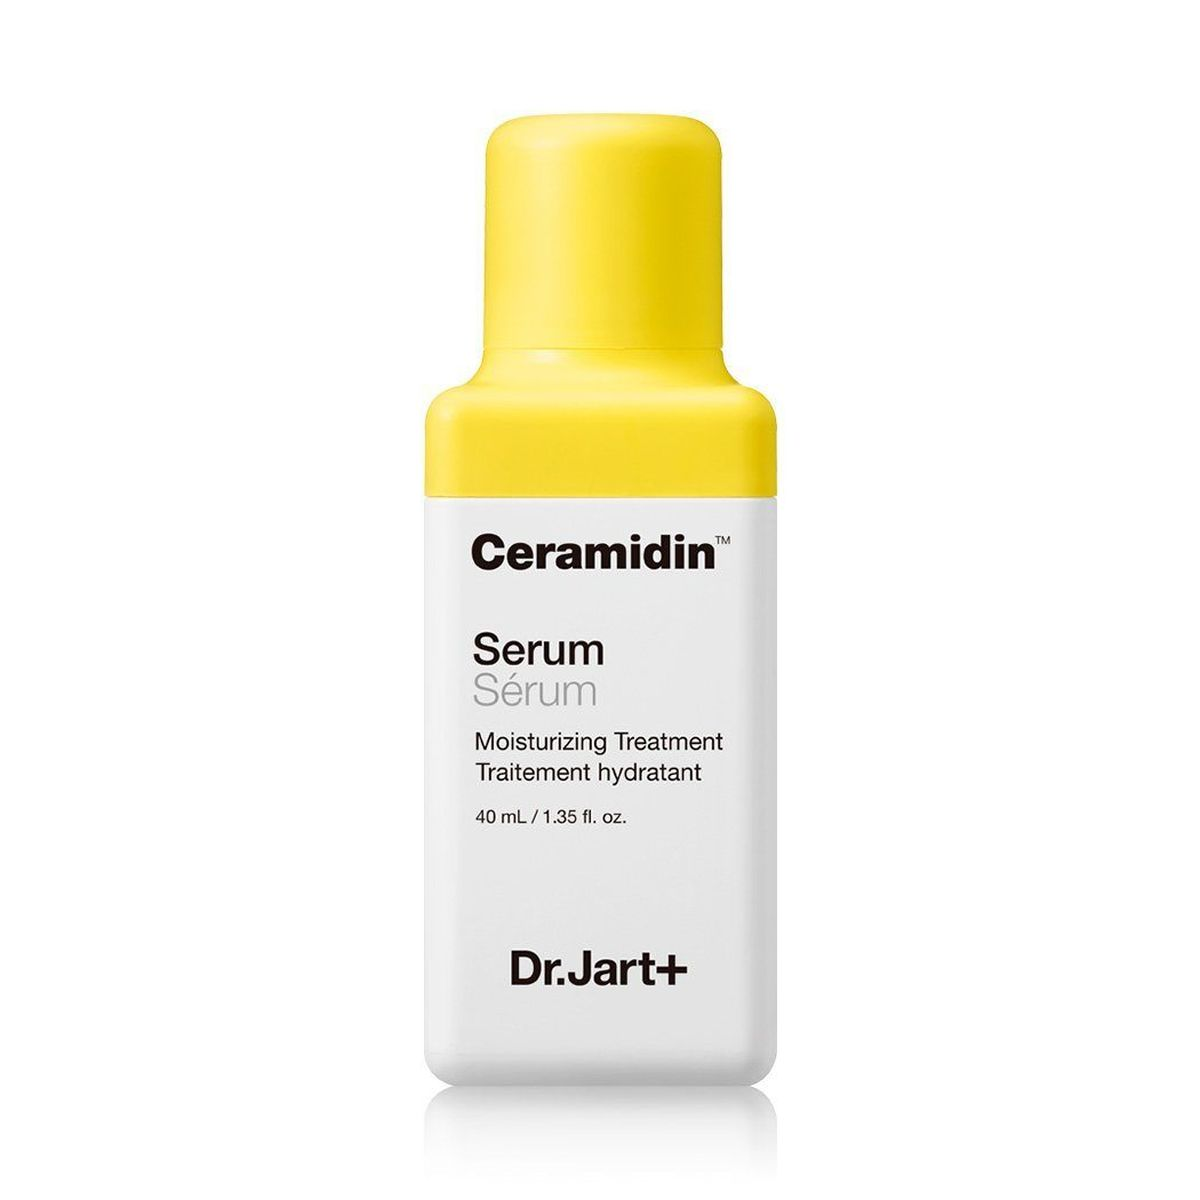 Увлажняющая сыворотка с керамидами Dr.Jart+ Ceramidin Serum Moisturizing Treatment - 40 мл